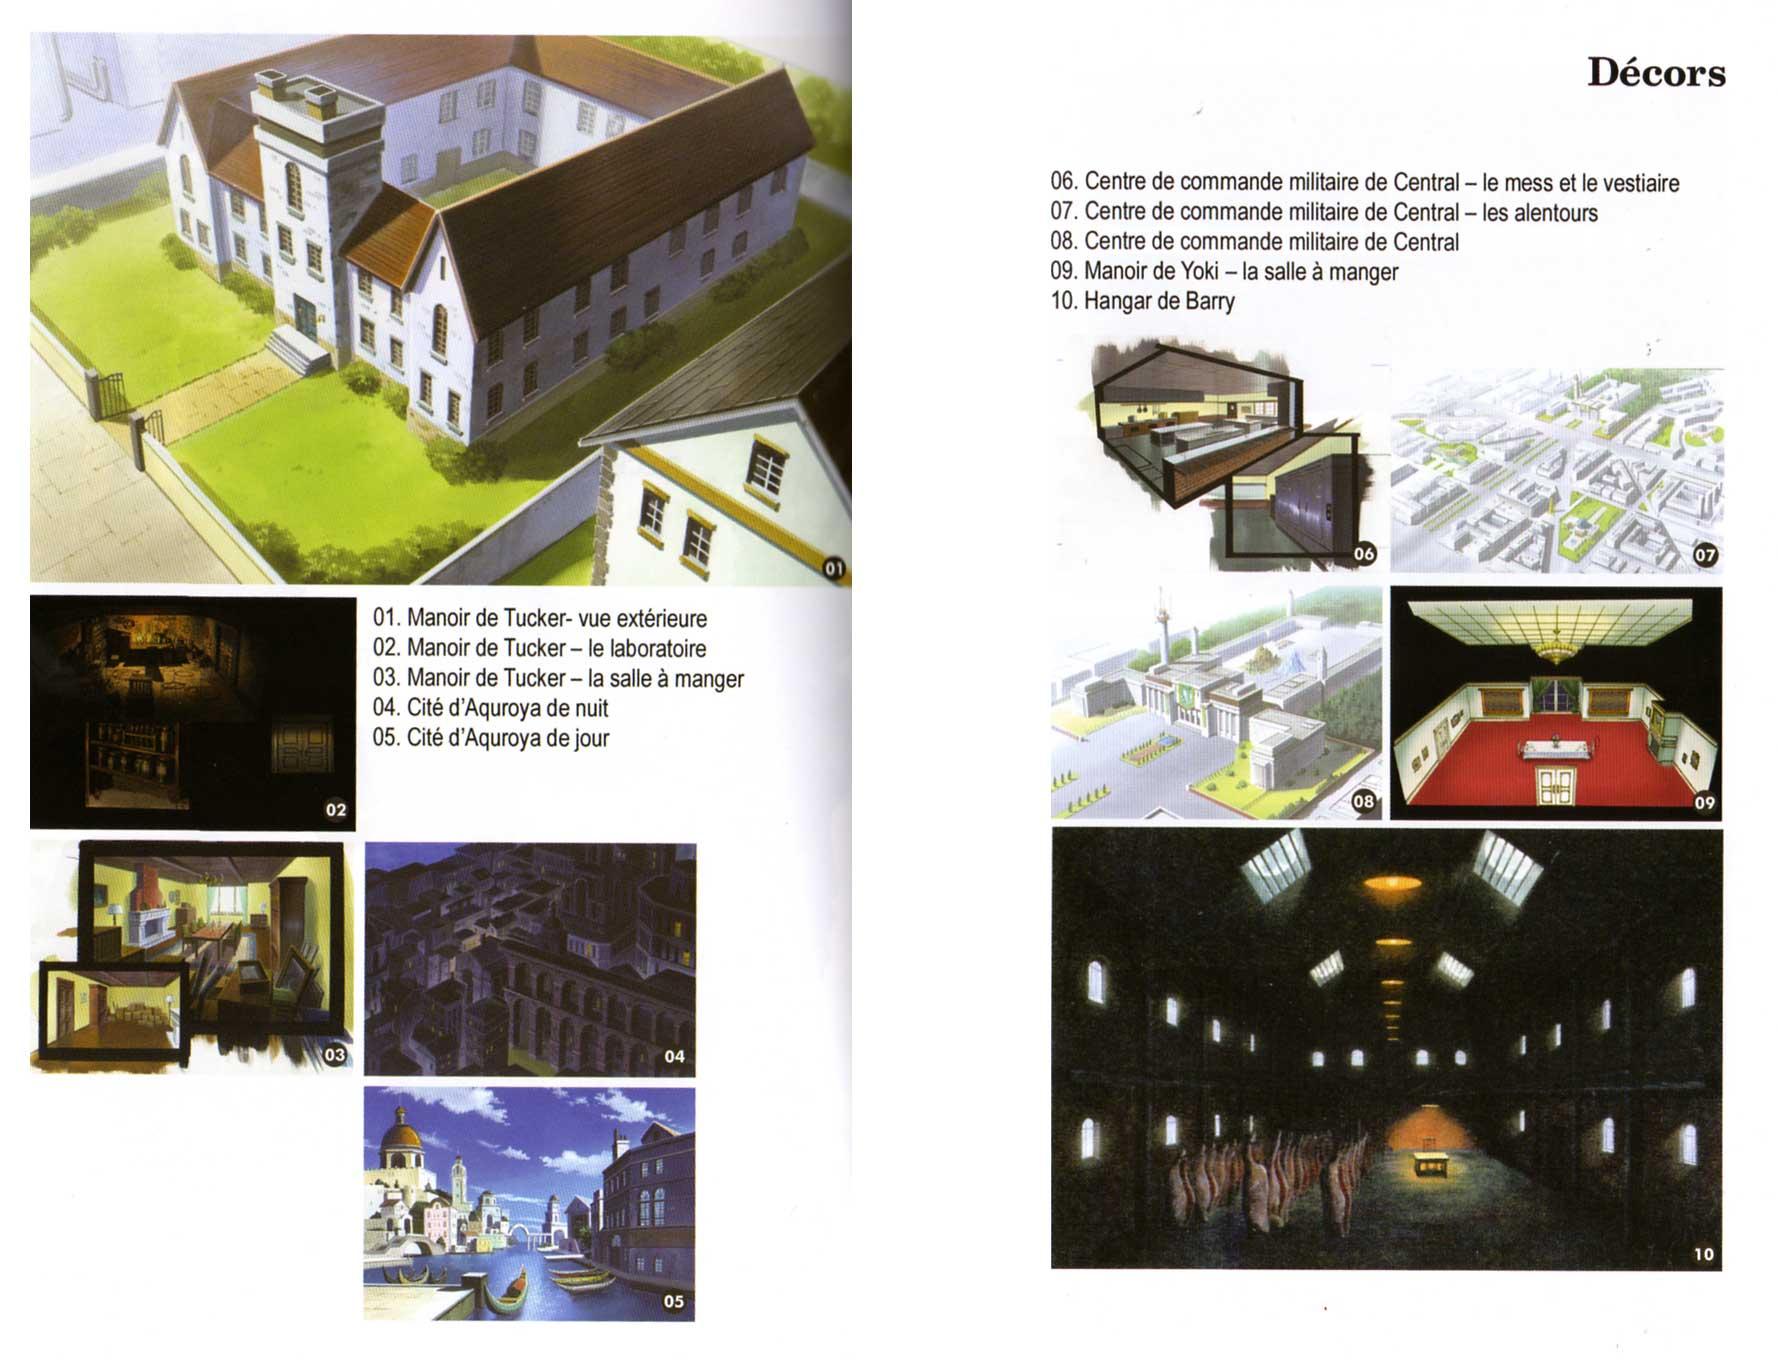 Décors extraits du livret d'information - Fullmetal Alchemist Box DVD collector 1 (Dybex - 2008)